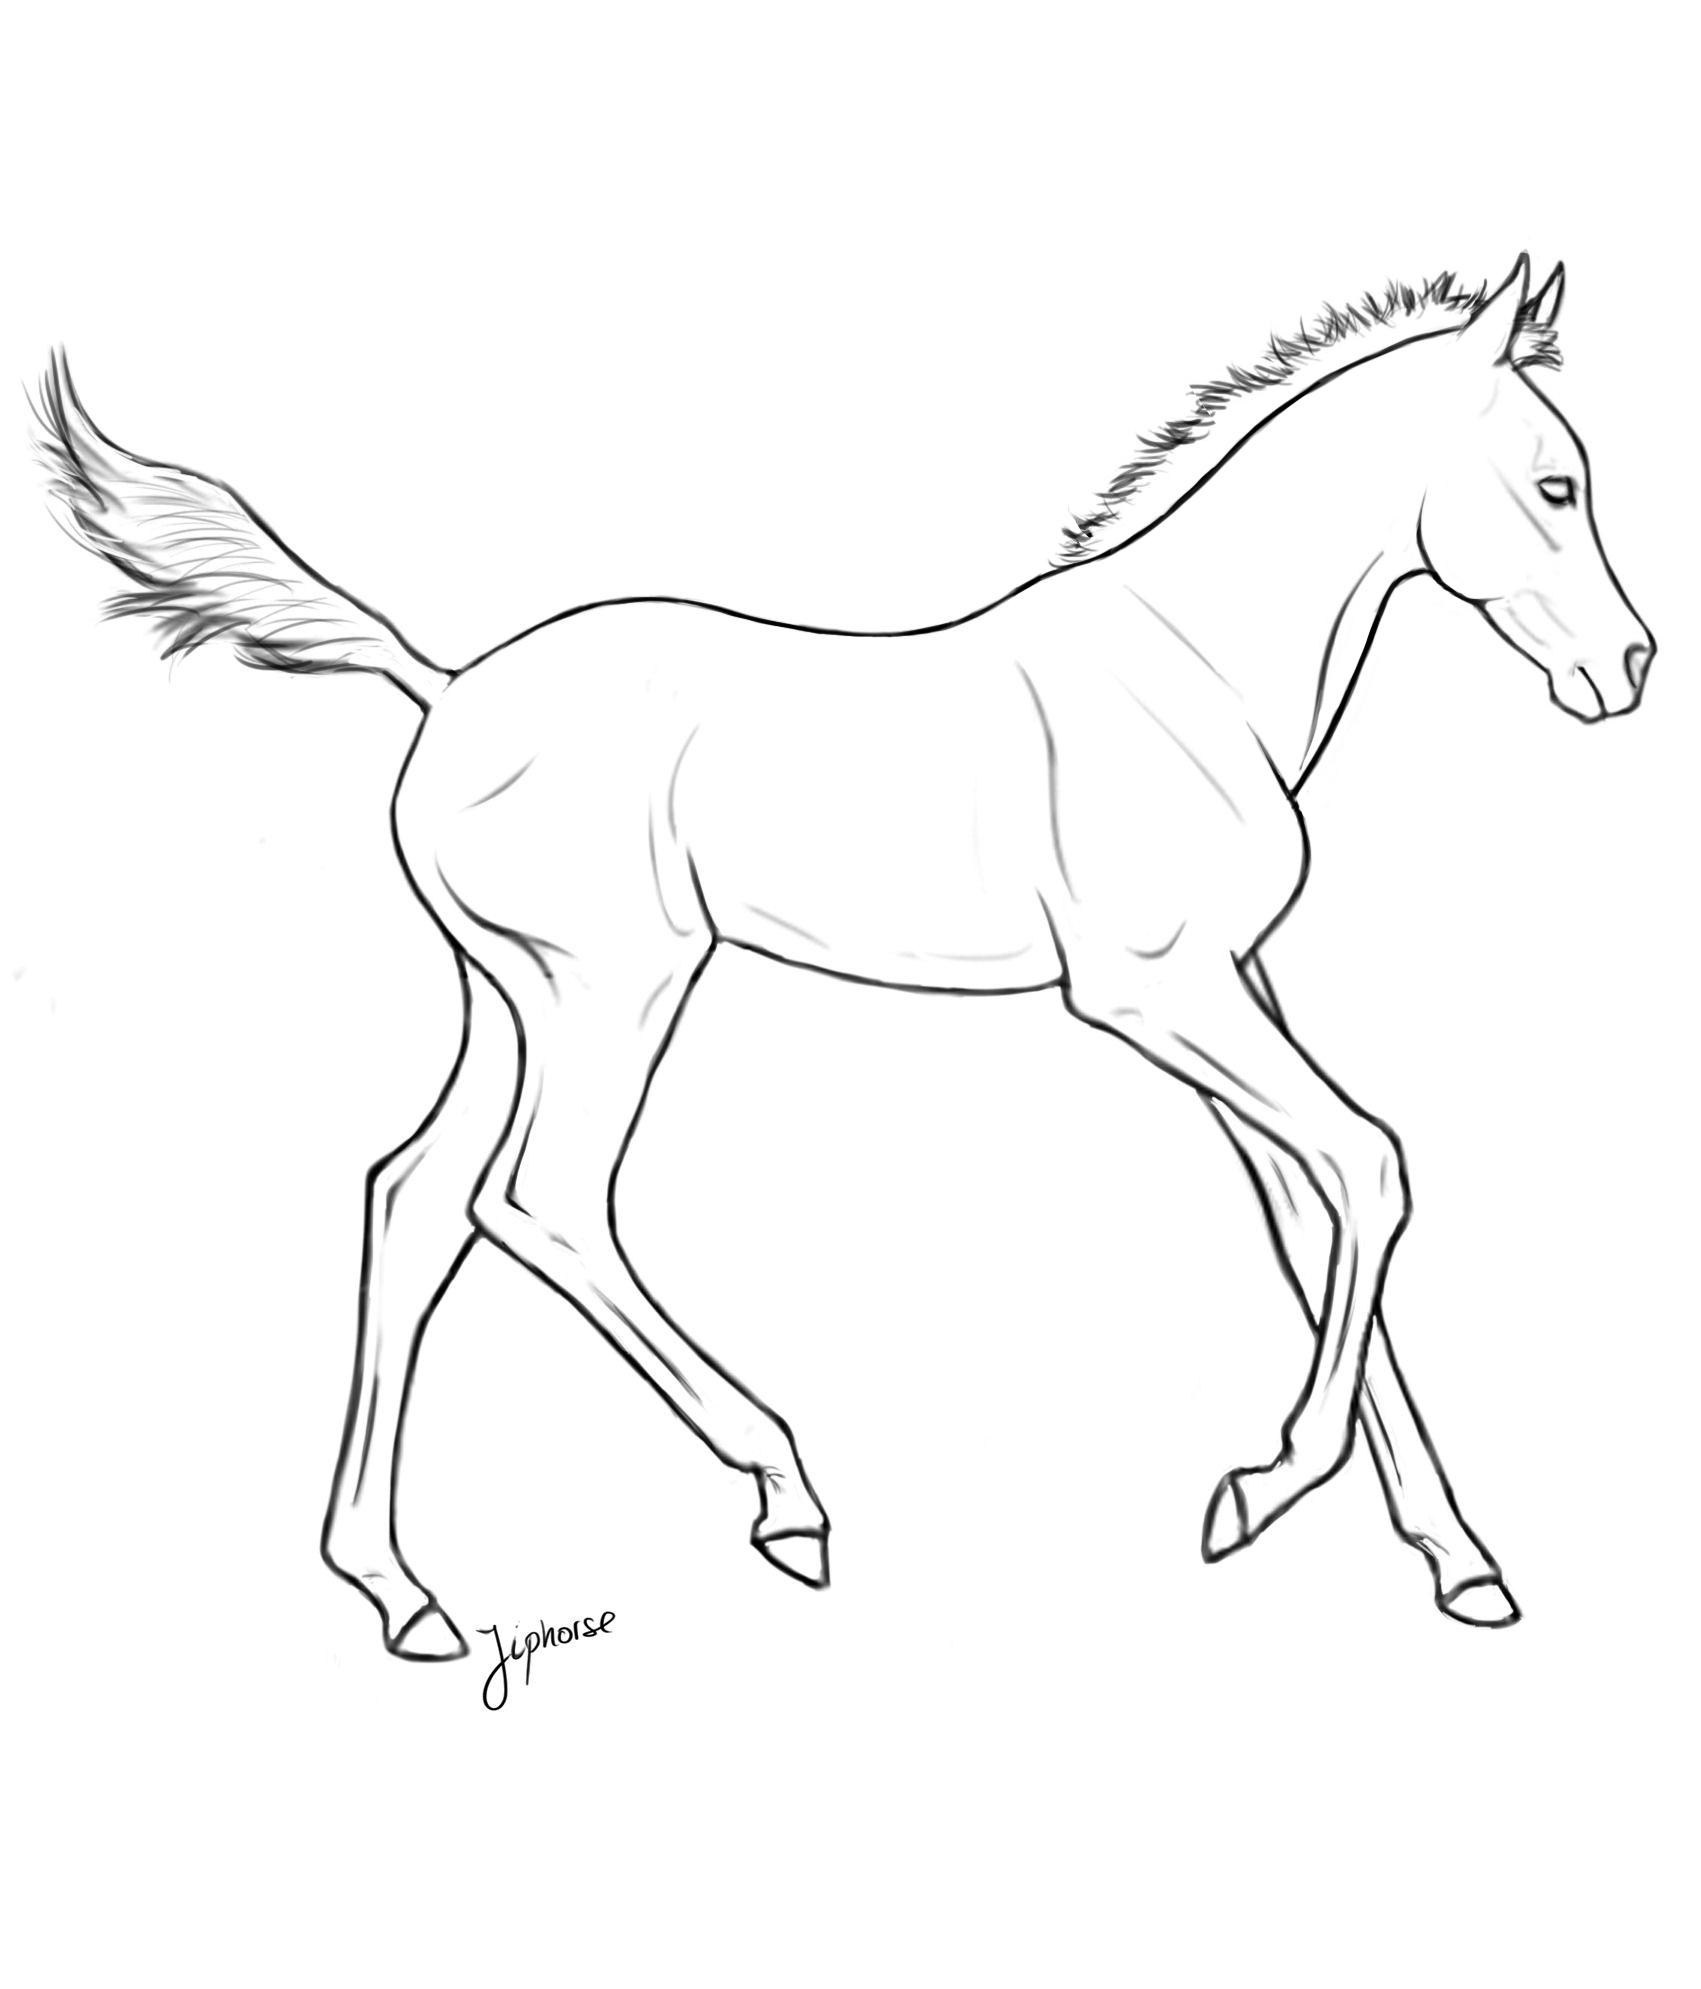 foals from breeding by k hustle on deviantart